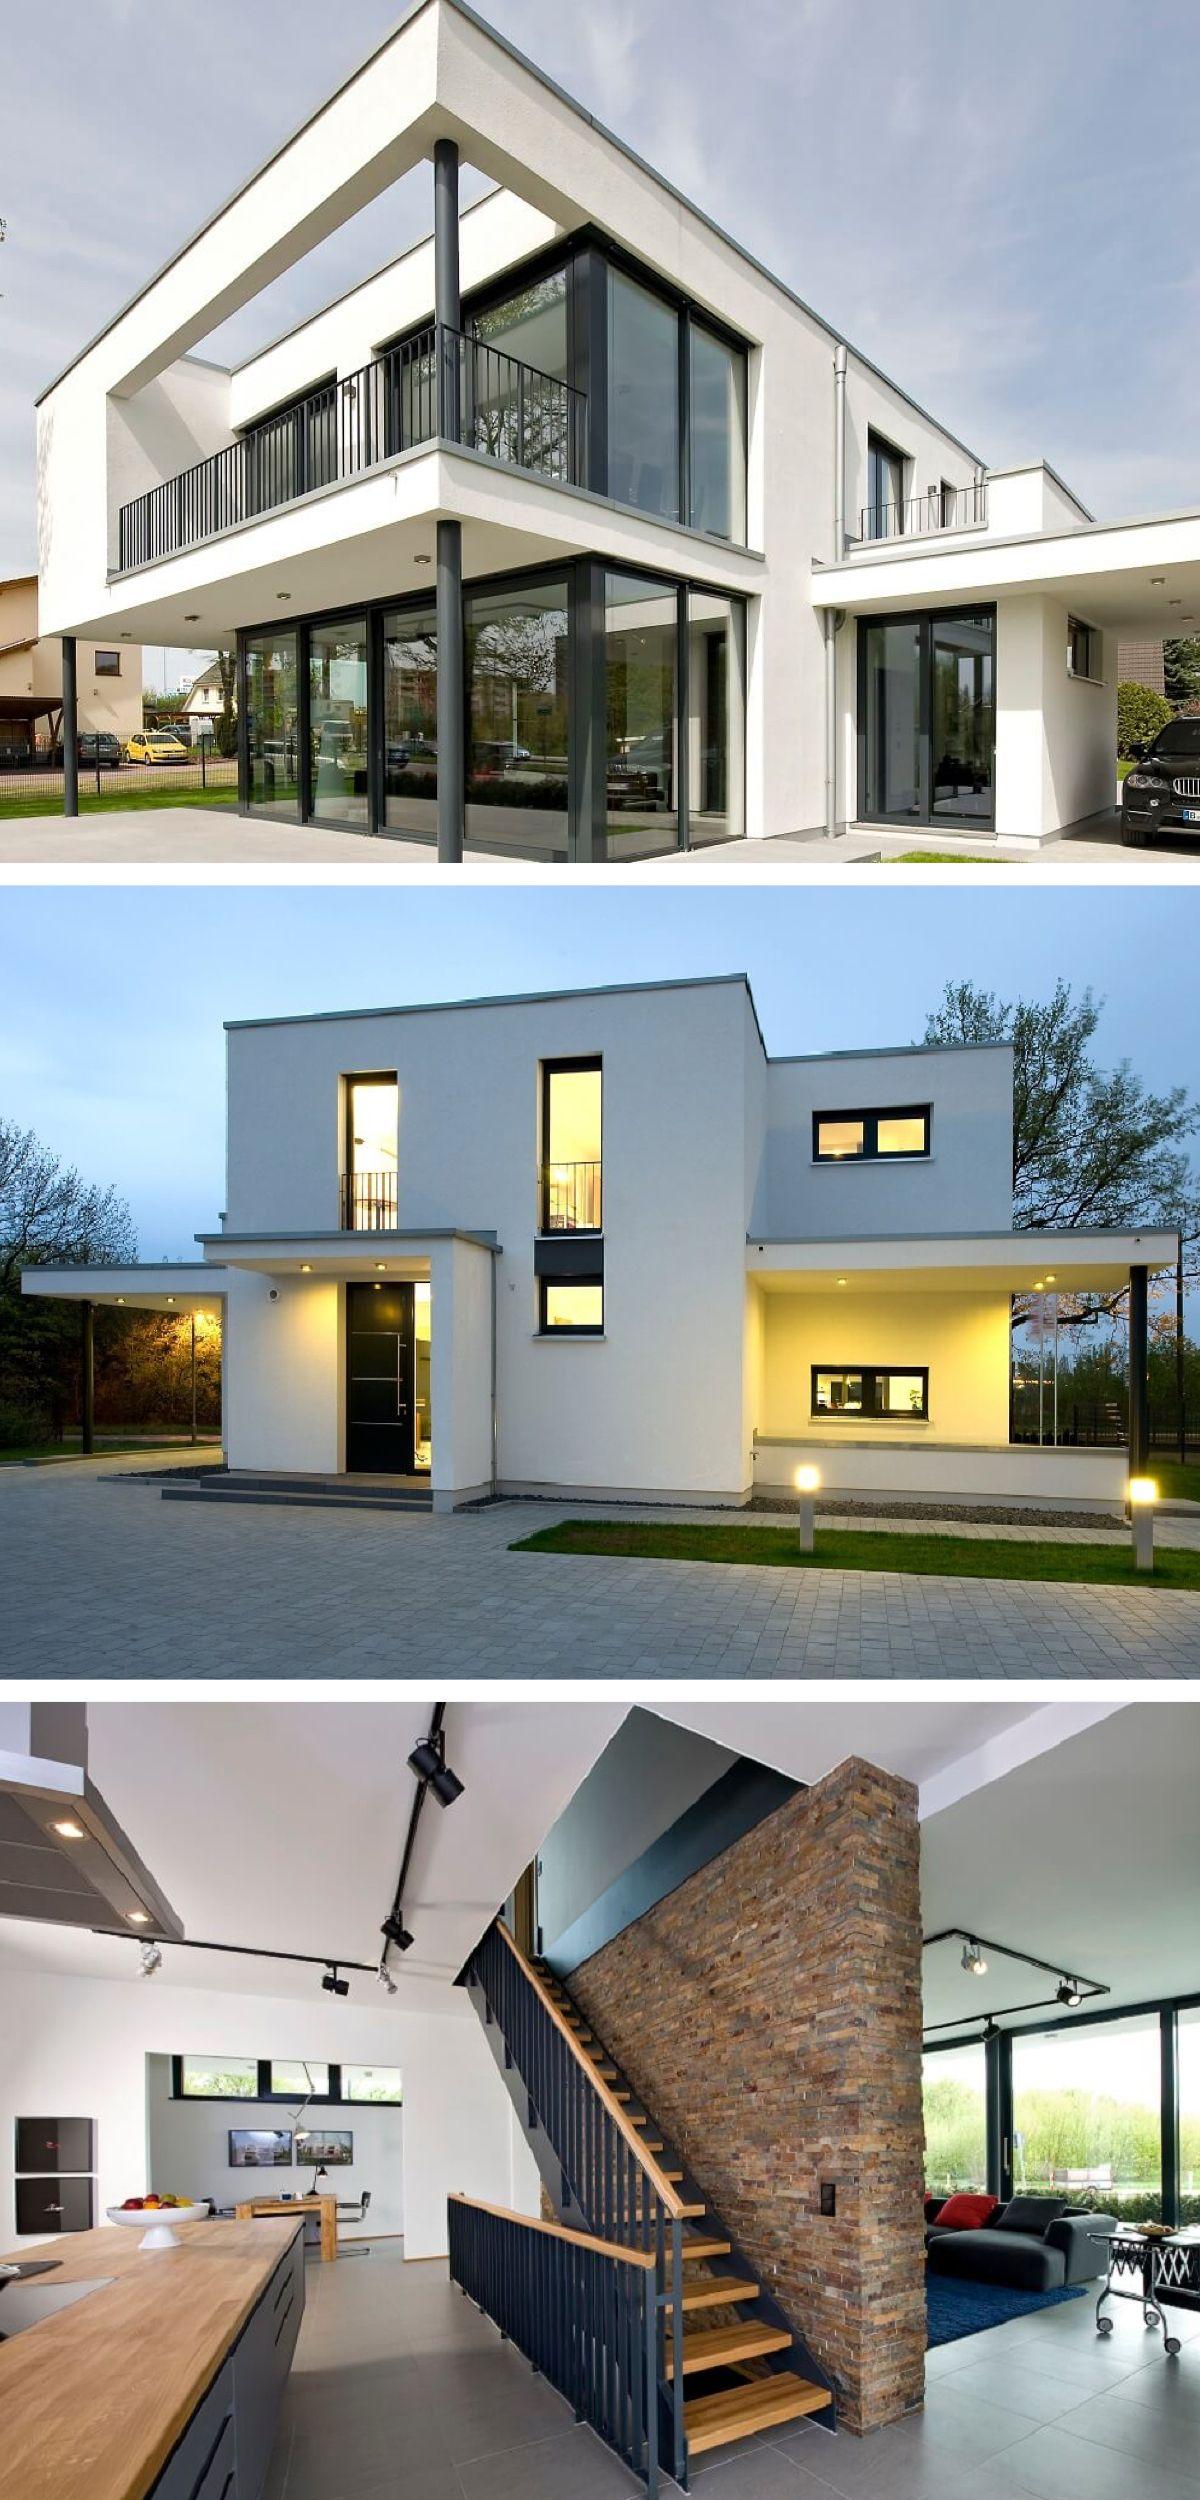 Stadtvilla modern im BauhausStil mit Flachdach